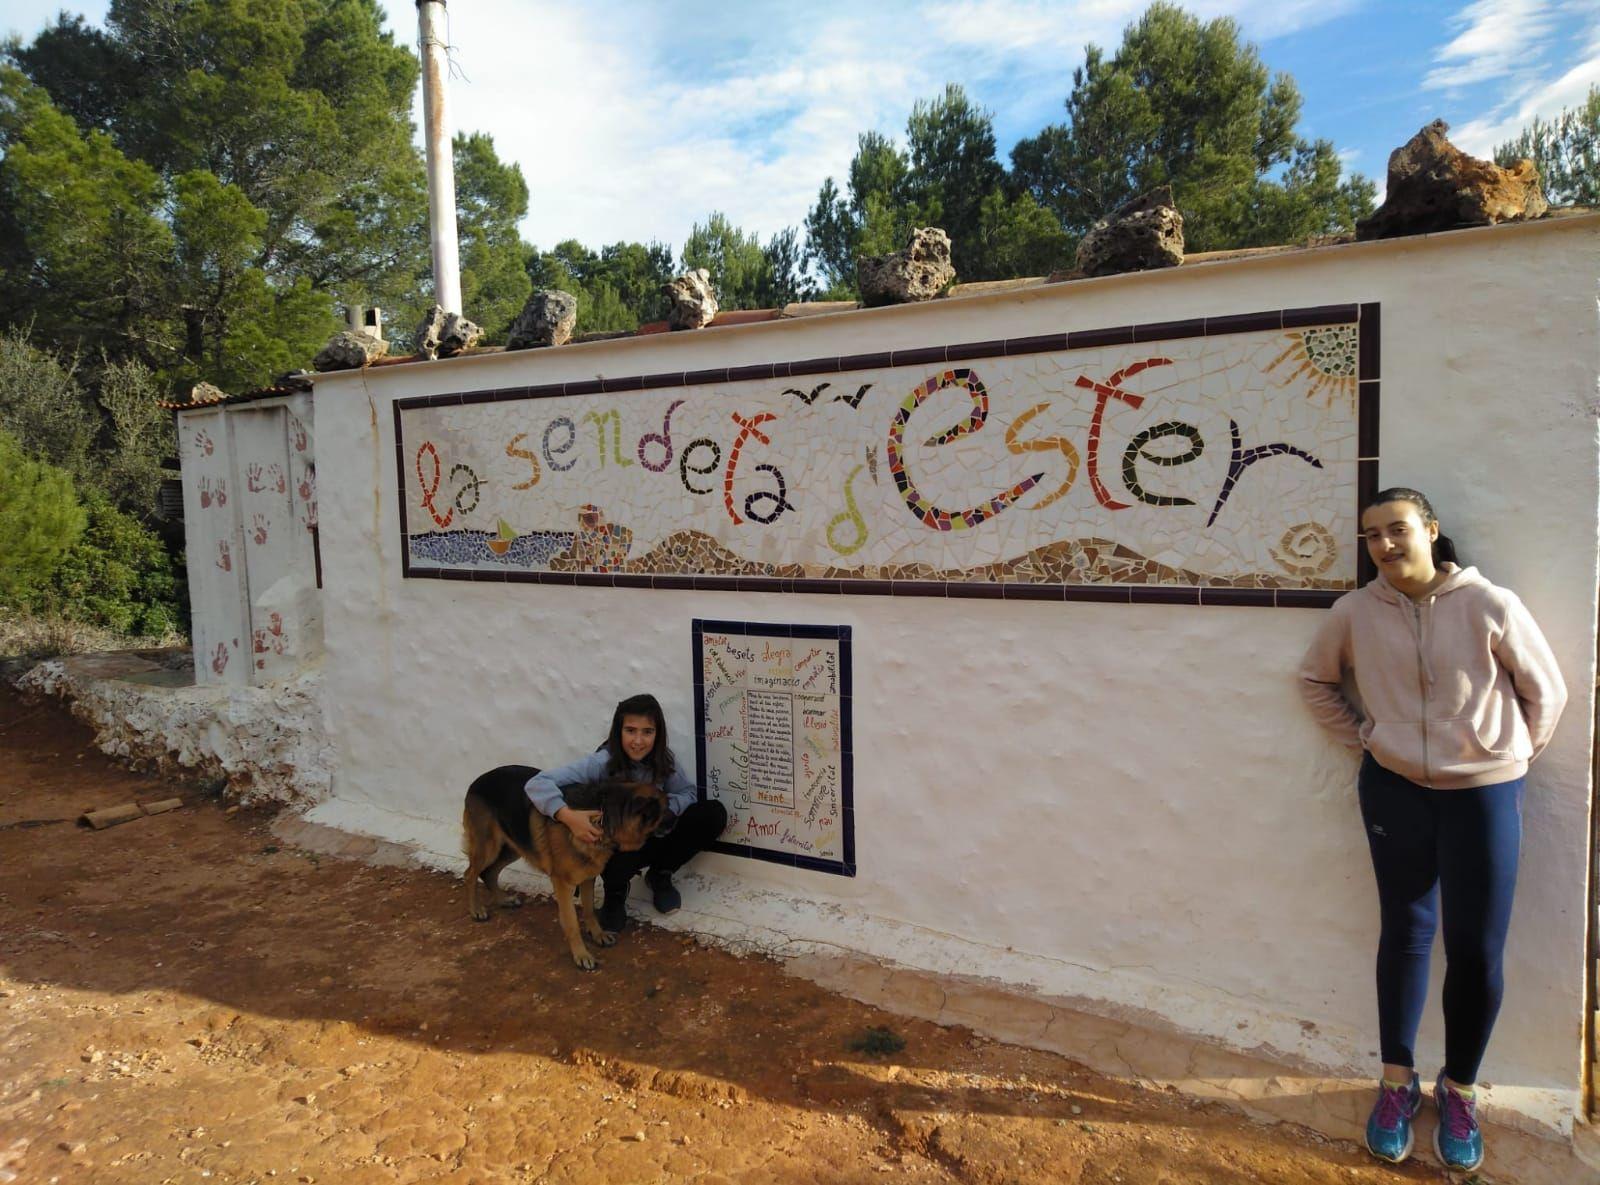 La Sendeta d'Ester en Tavernes de la Valldigna